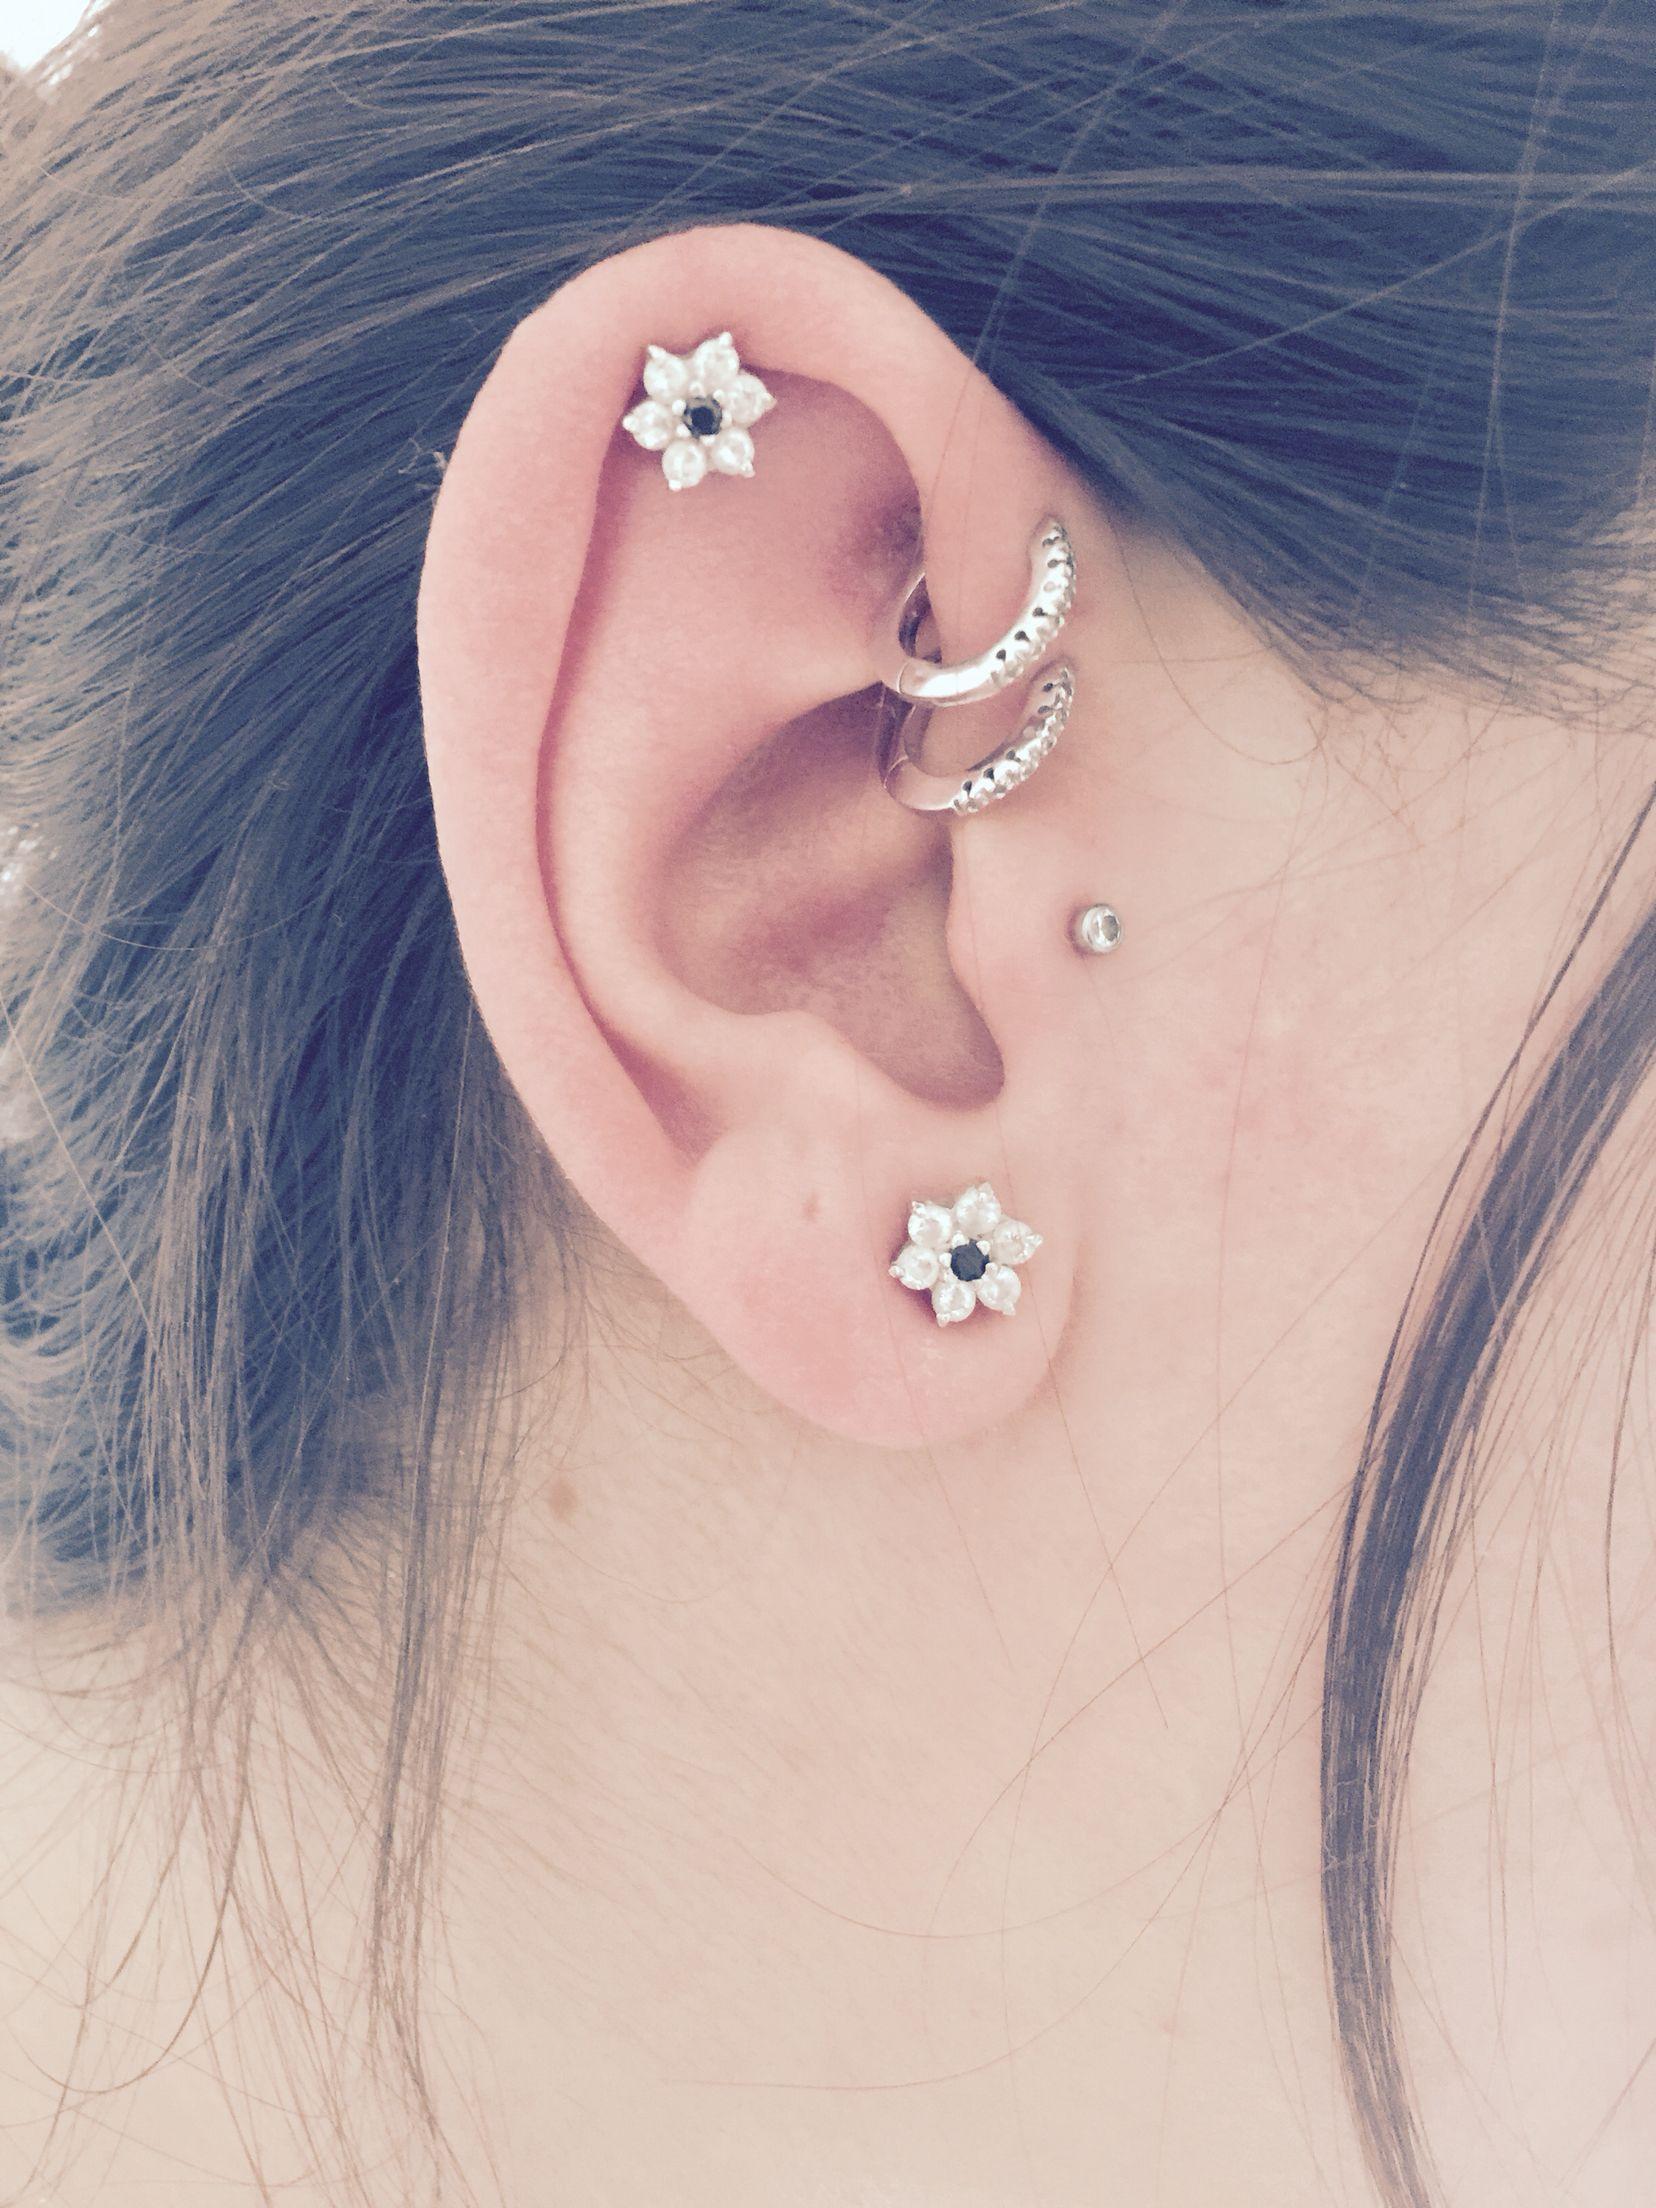 Piercings Double forward helix with hoop piercings Tragus